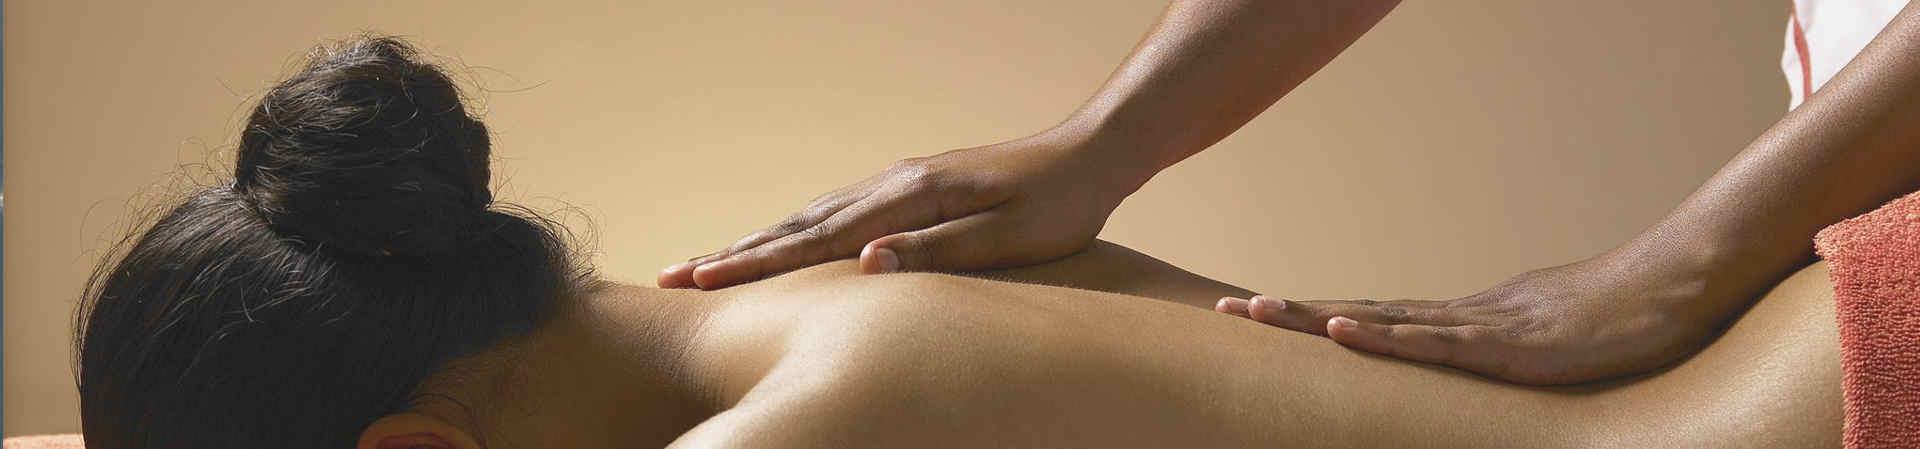 Cama de masaje de próstata Atlanta